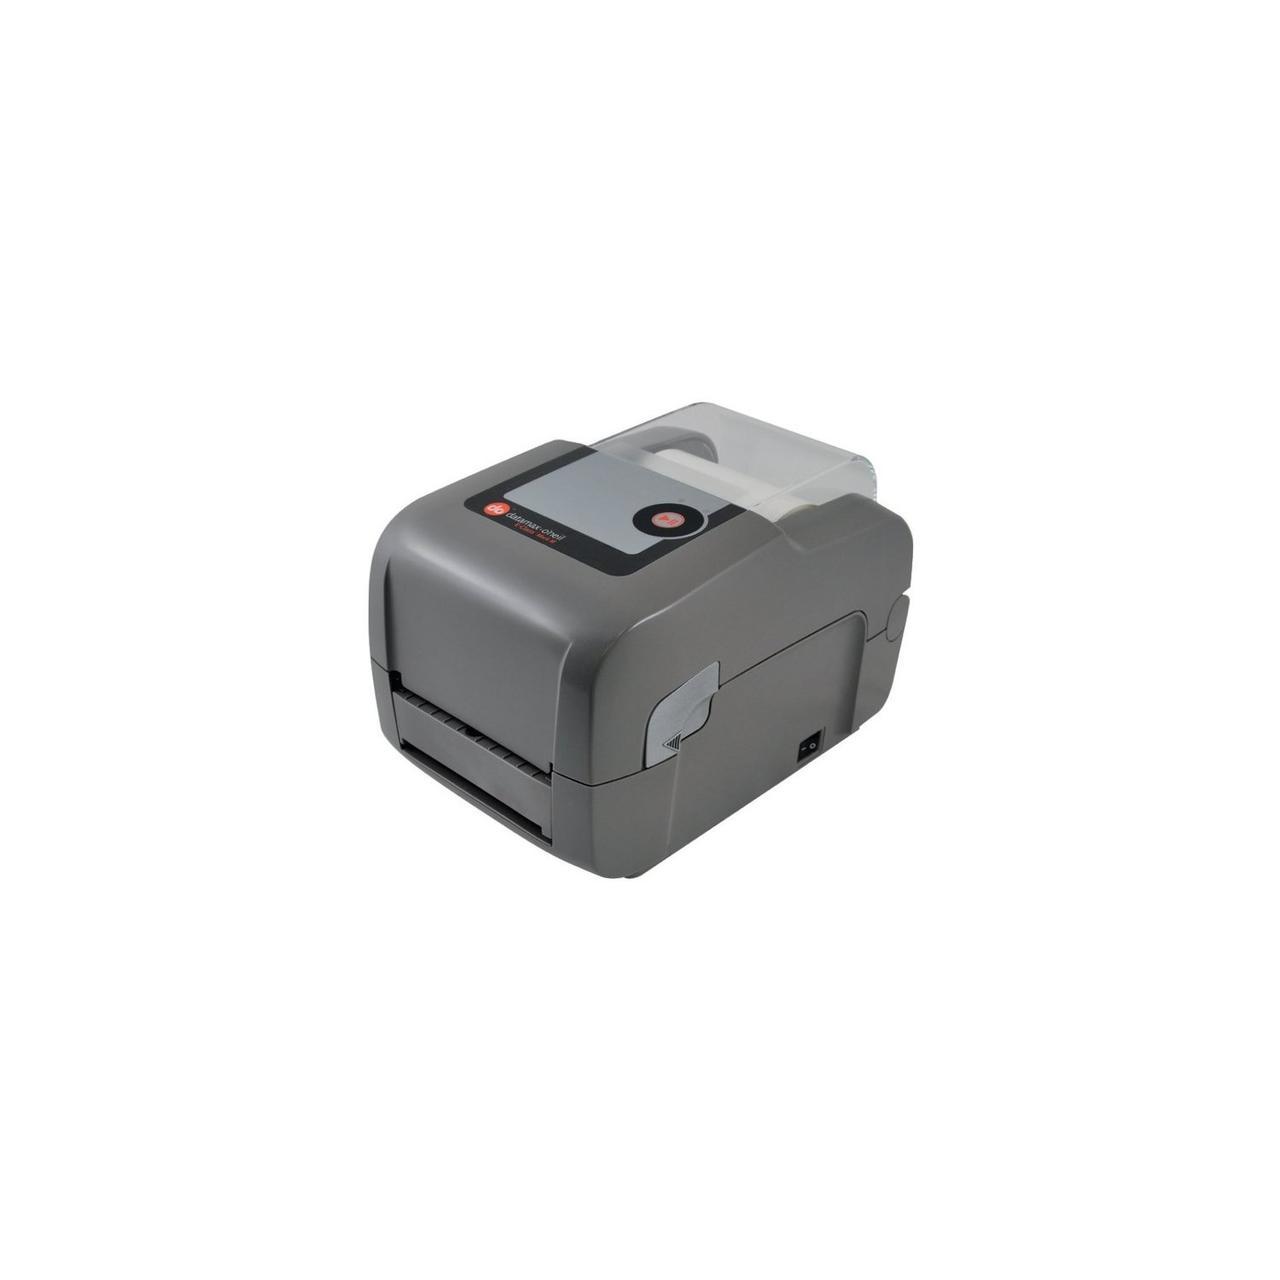 Принтер этикеток Datamax O'Neil E-4205A MarkIII полупромышленный